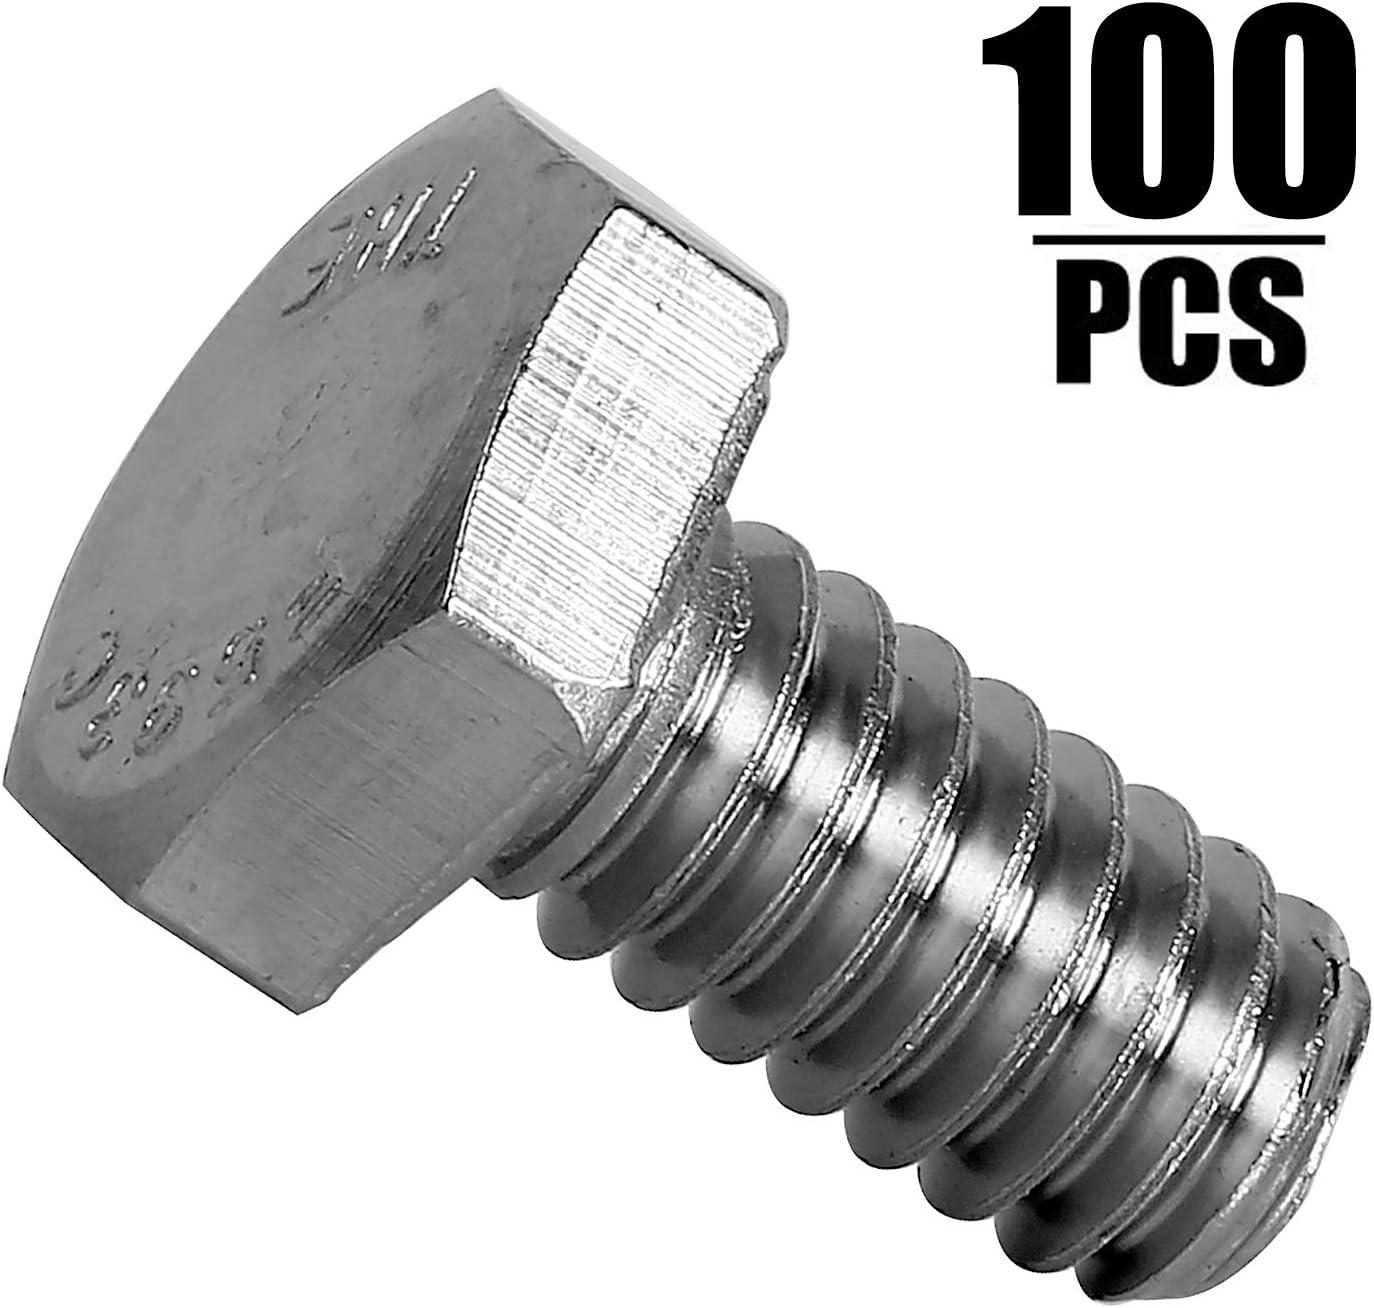 Thread Size M10-1.5 FastenerParts Set Screw 18-8 Stainless Steel